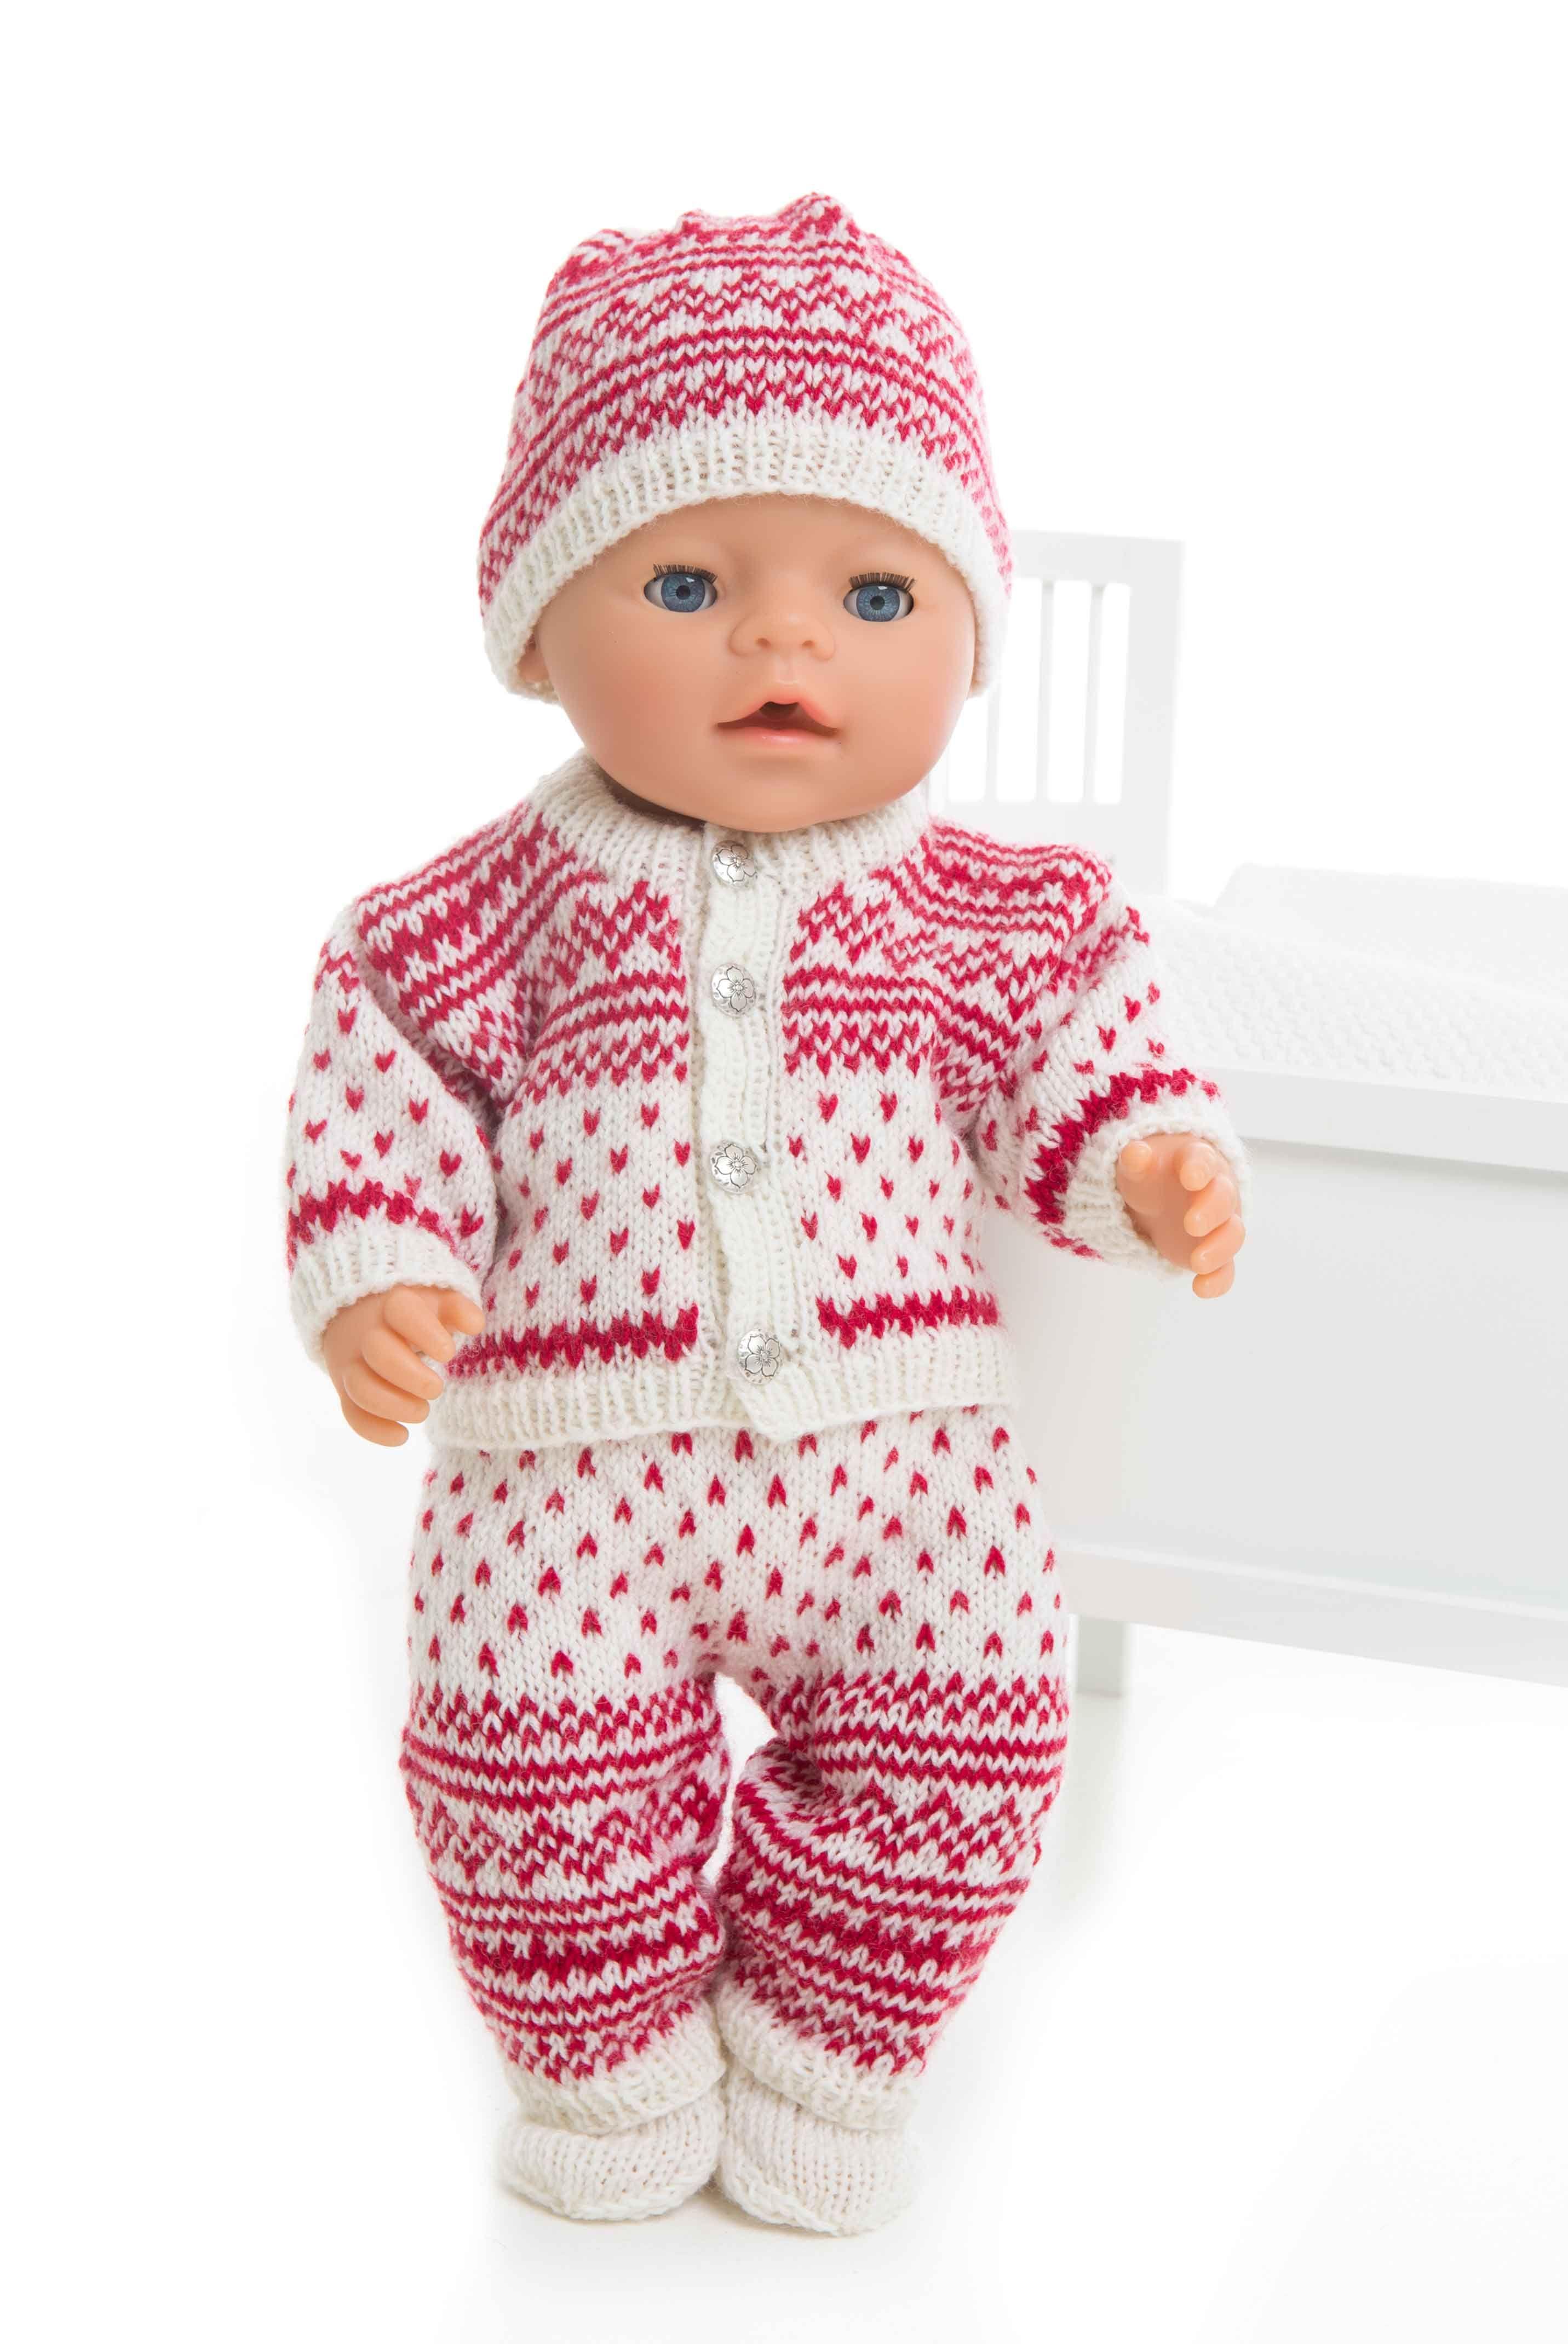 ef1a1b12 Viking Merino Soft Kofte, lue, sokker og bukse 1405-11 Størrelse : Babyborn  – 42 cm Overvidde : 38 cm Hel lengde : 16 cm Ermelengde : 10 cm Benleng.